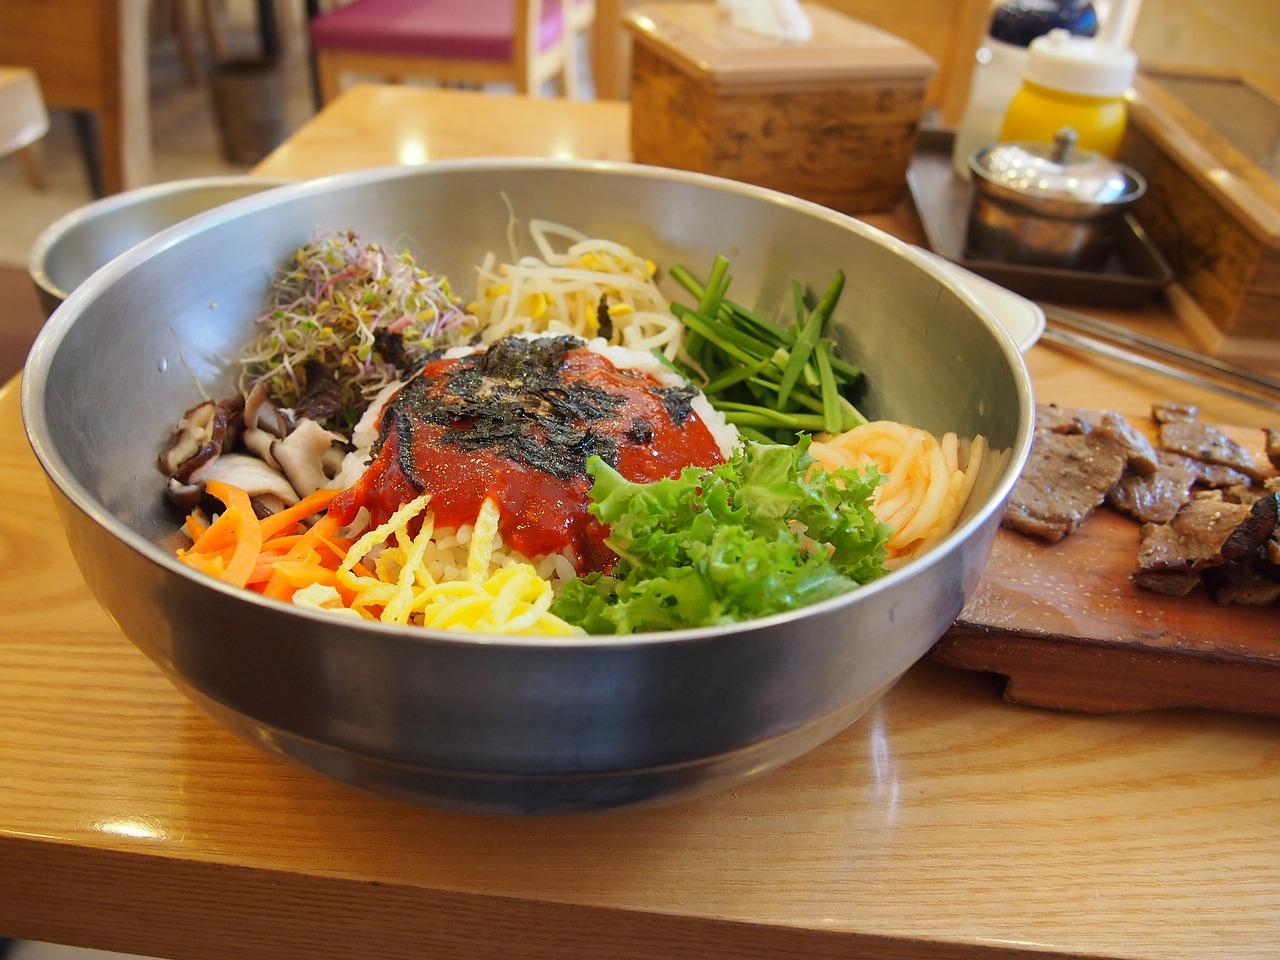 korean-food-3263032_1280.jpg